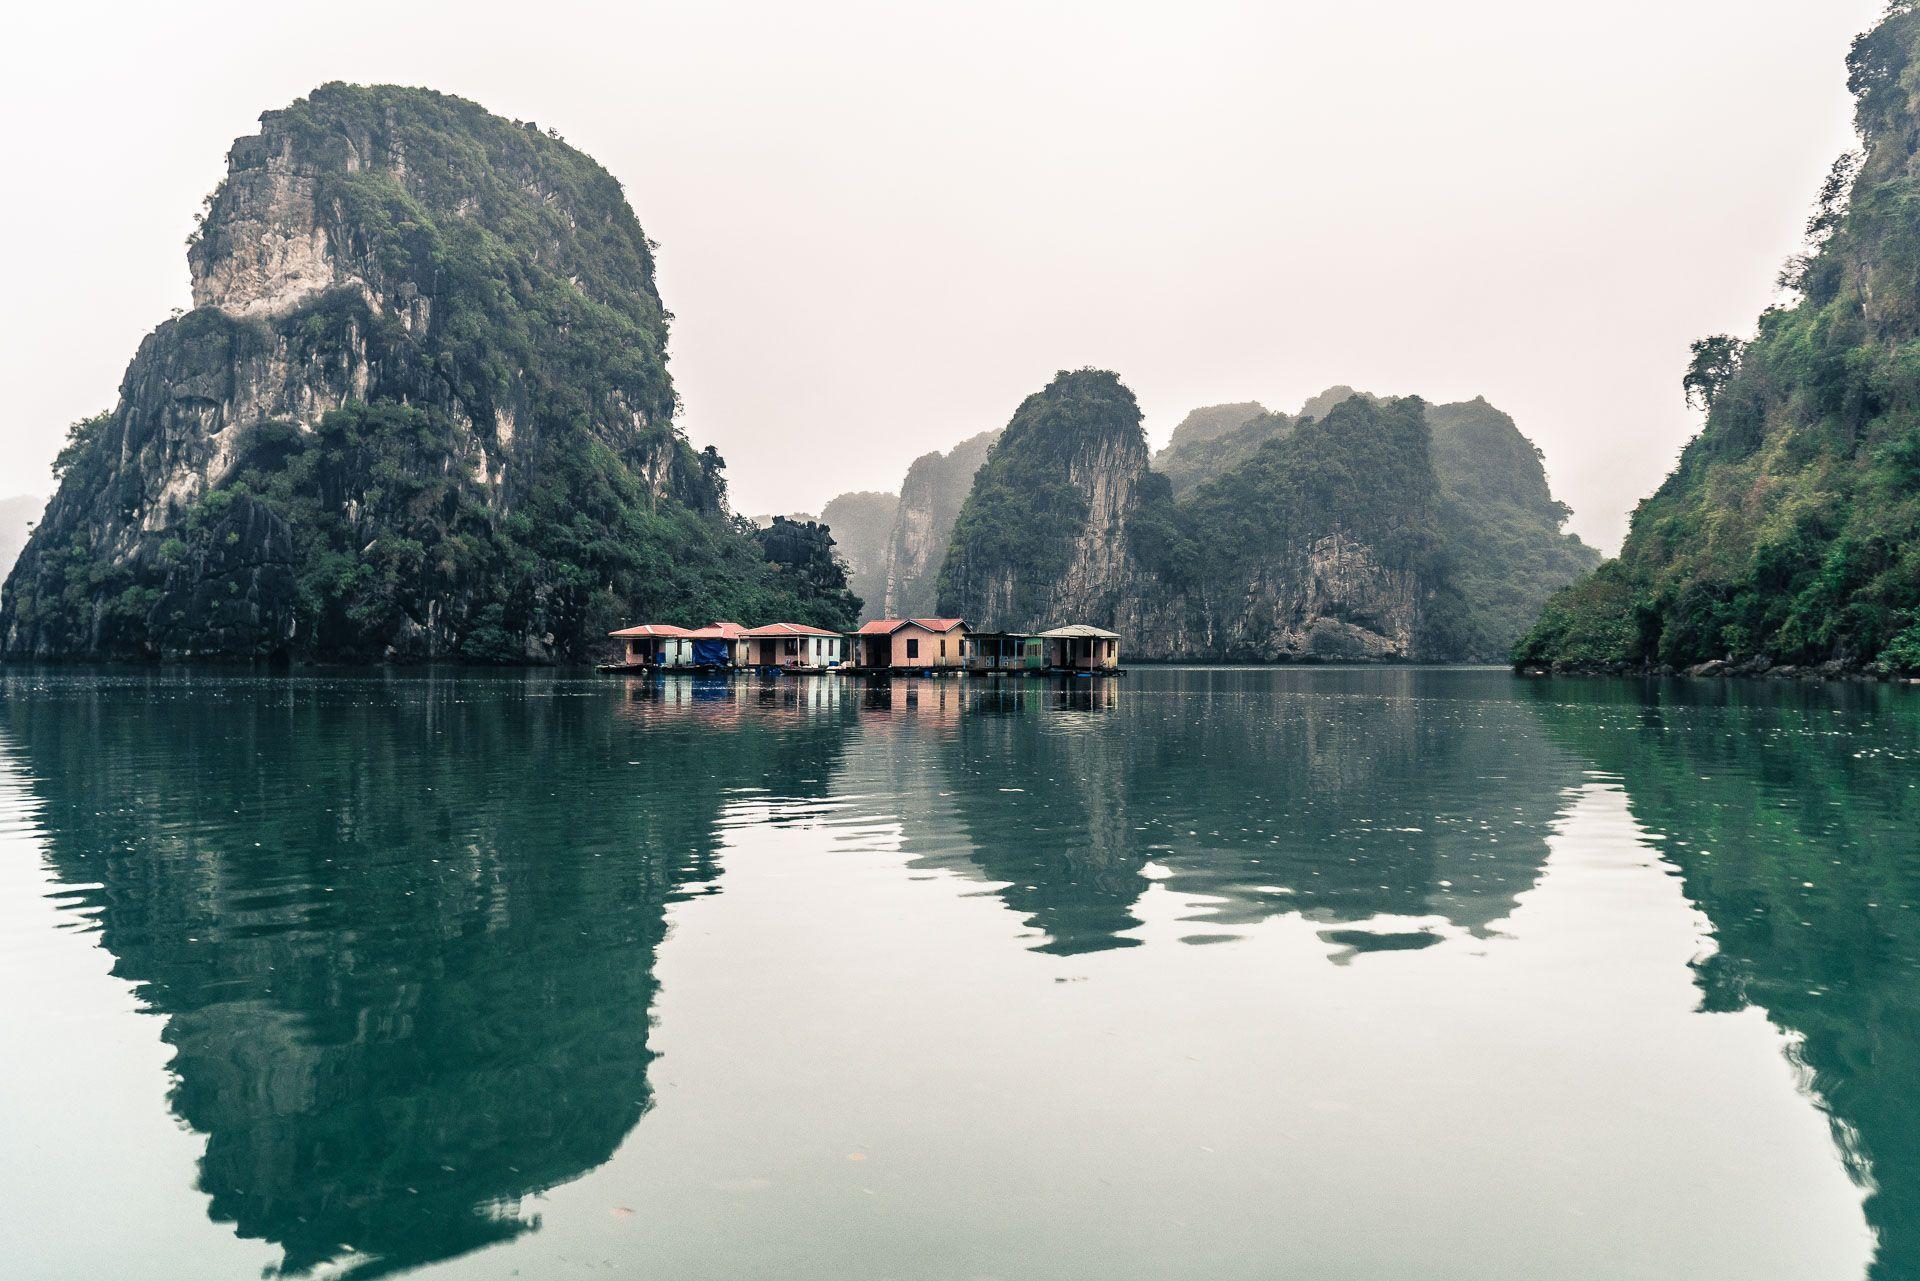 lesvoyageuses-croisiere-a-ha-long-bay-vietnam-45